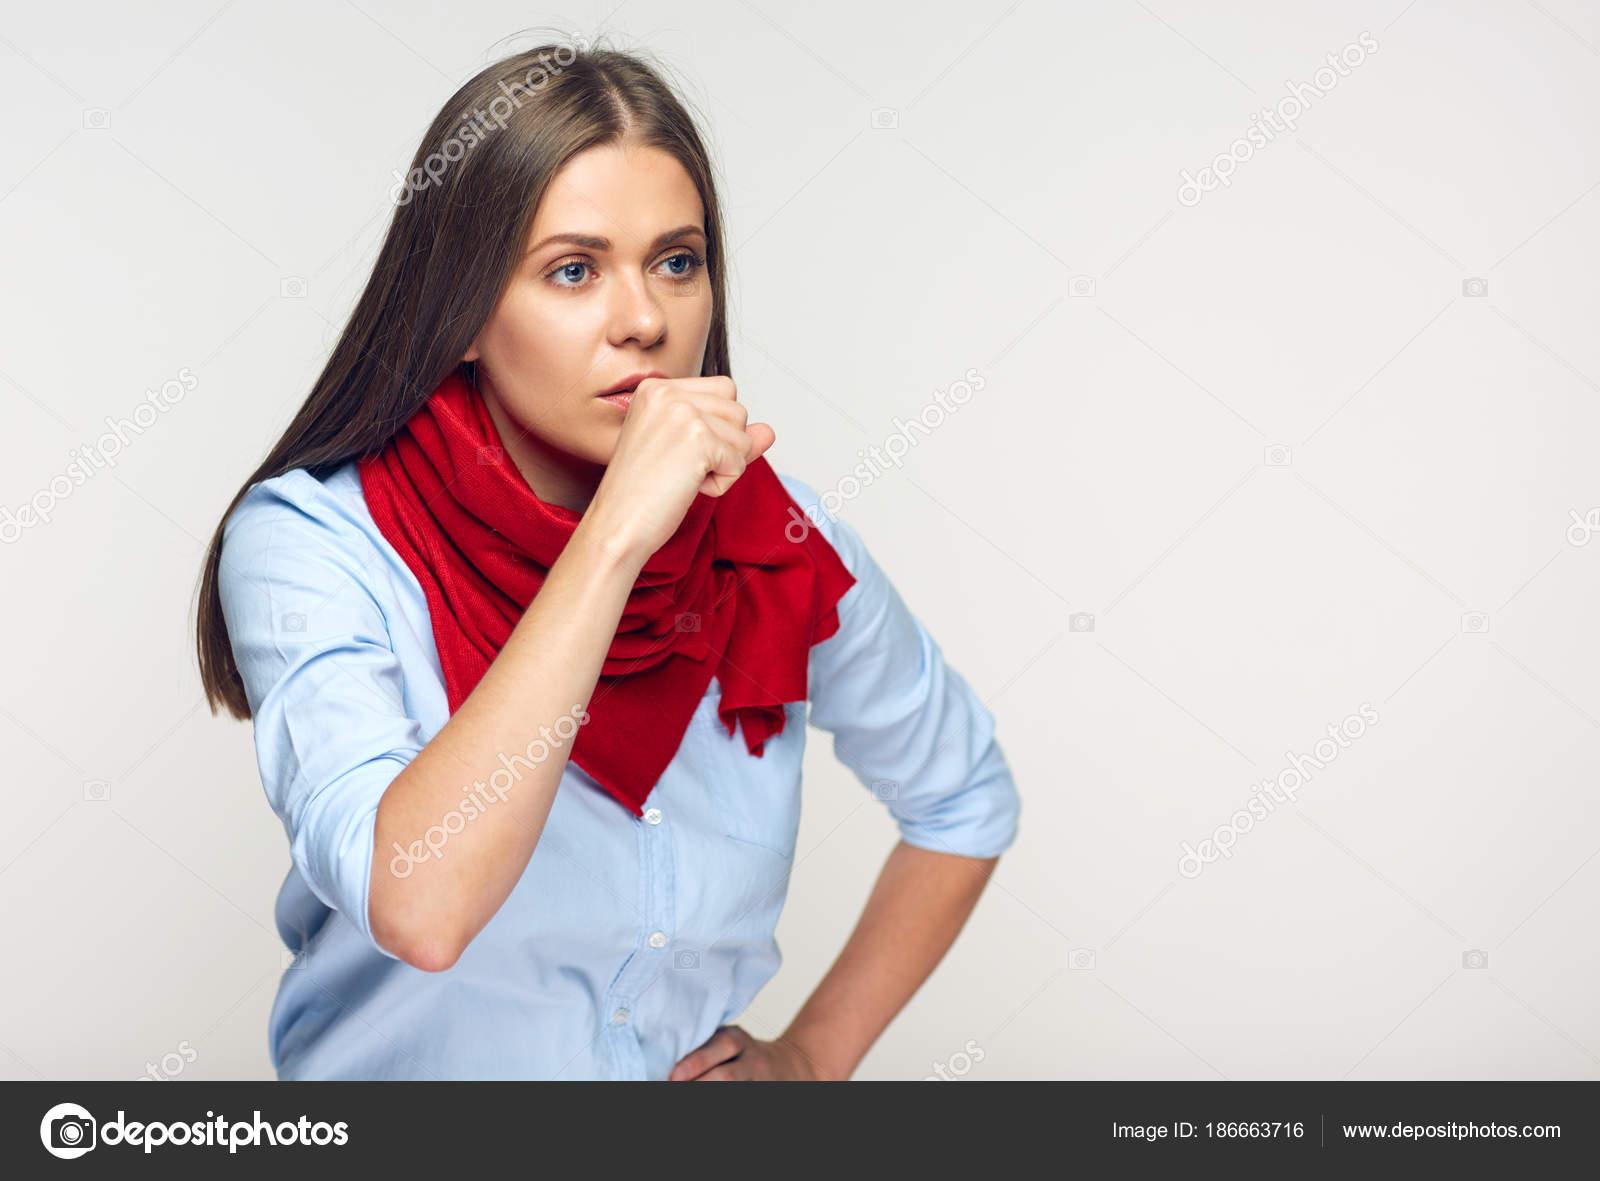 Кино секс девушка в просвечивающейся кофточке фото телка чулках